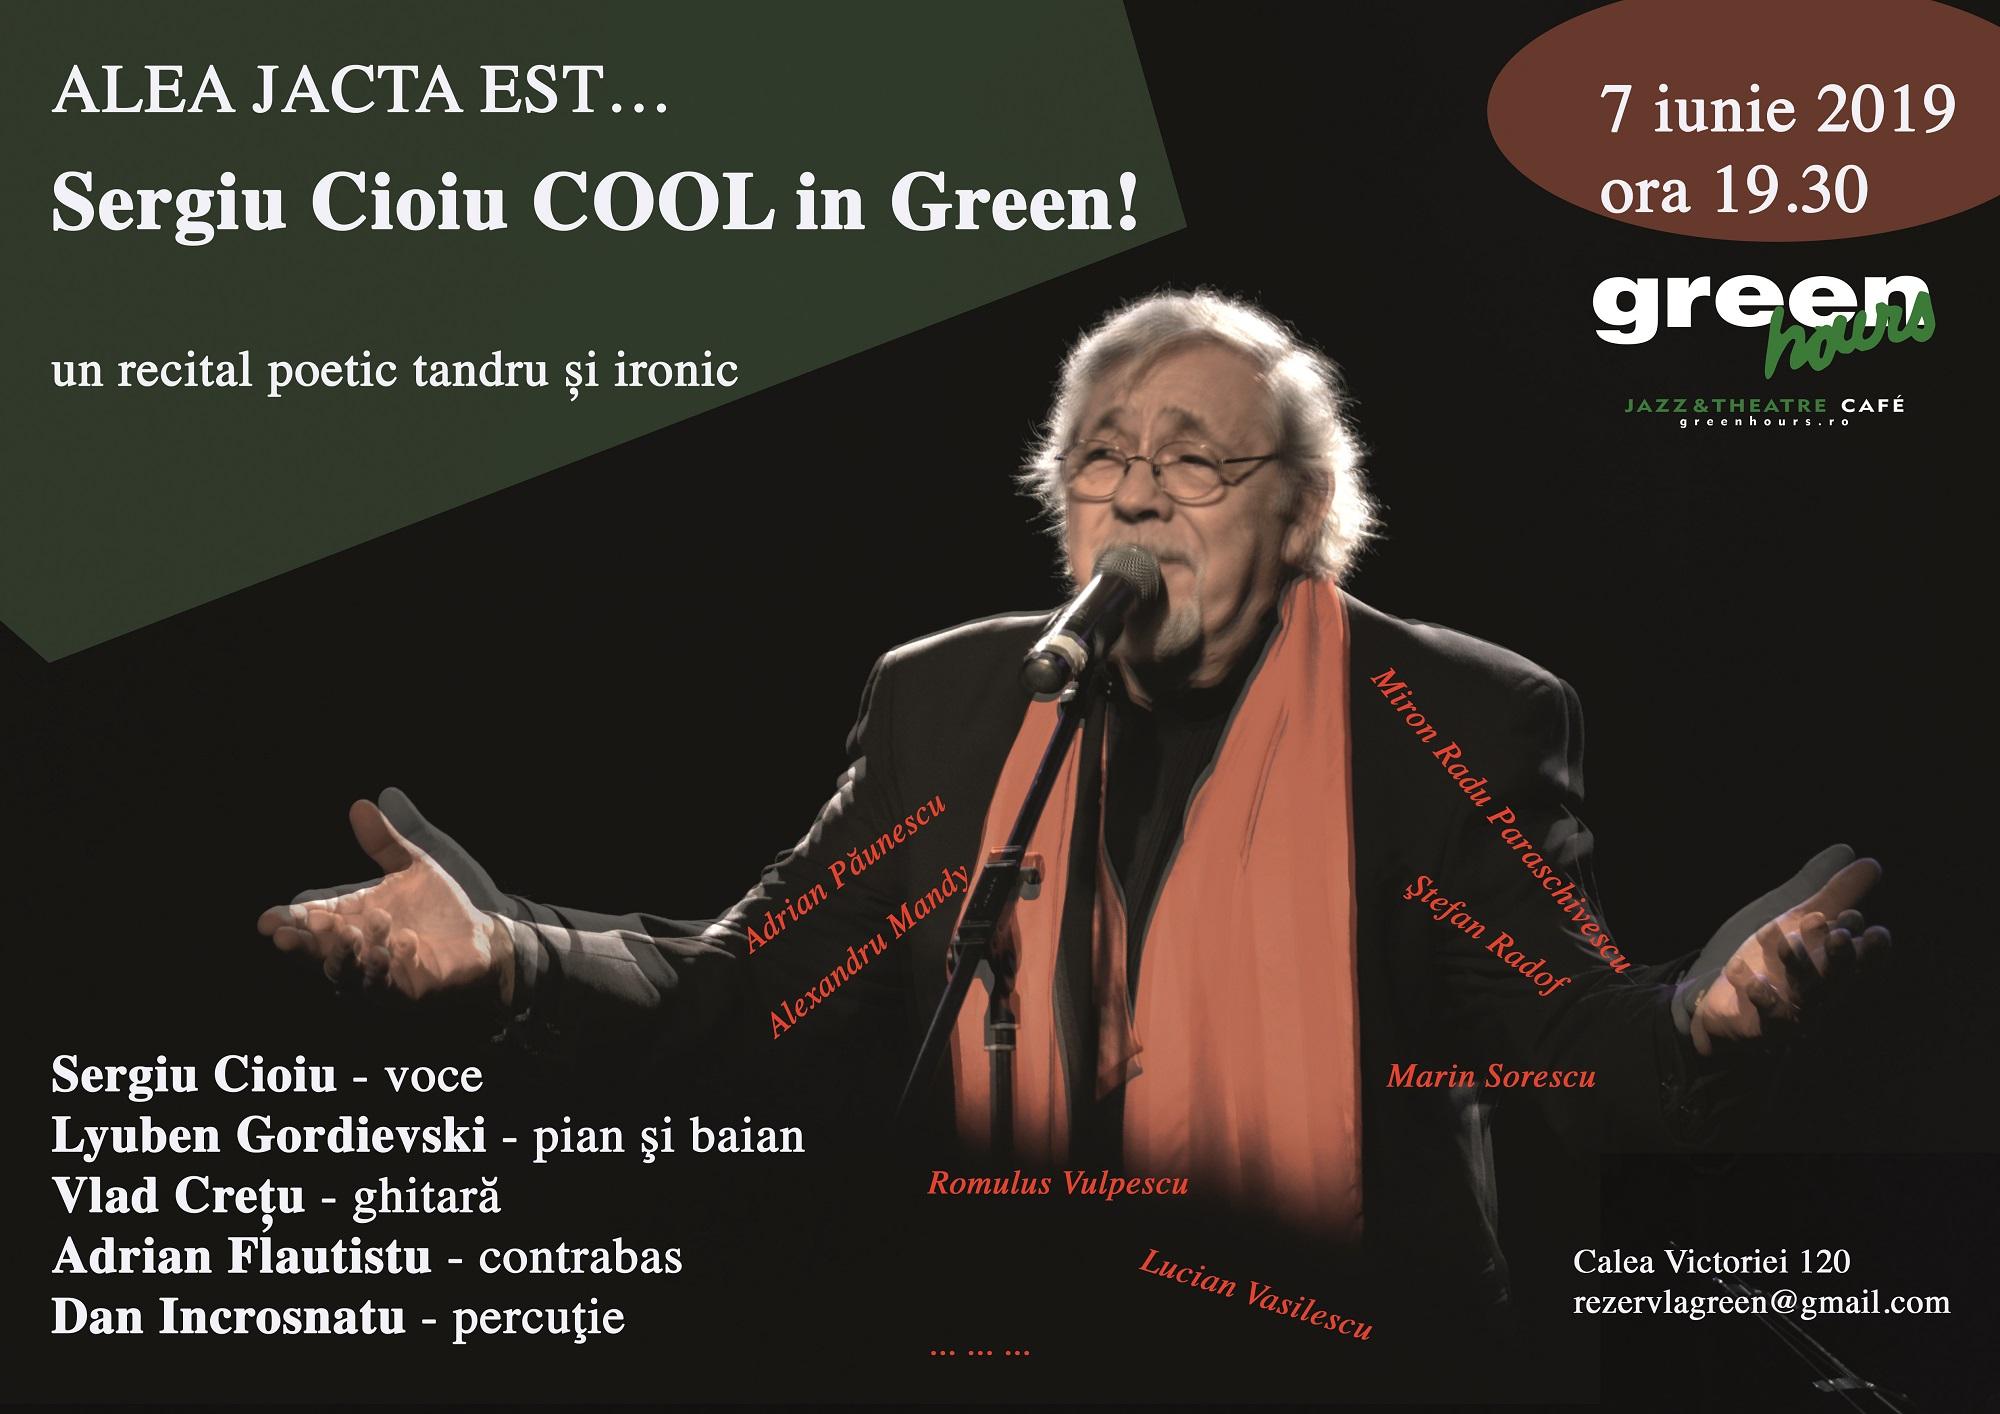 ALEA JACTA EST... & Sergiu Cioiu COOL in Green!